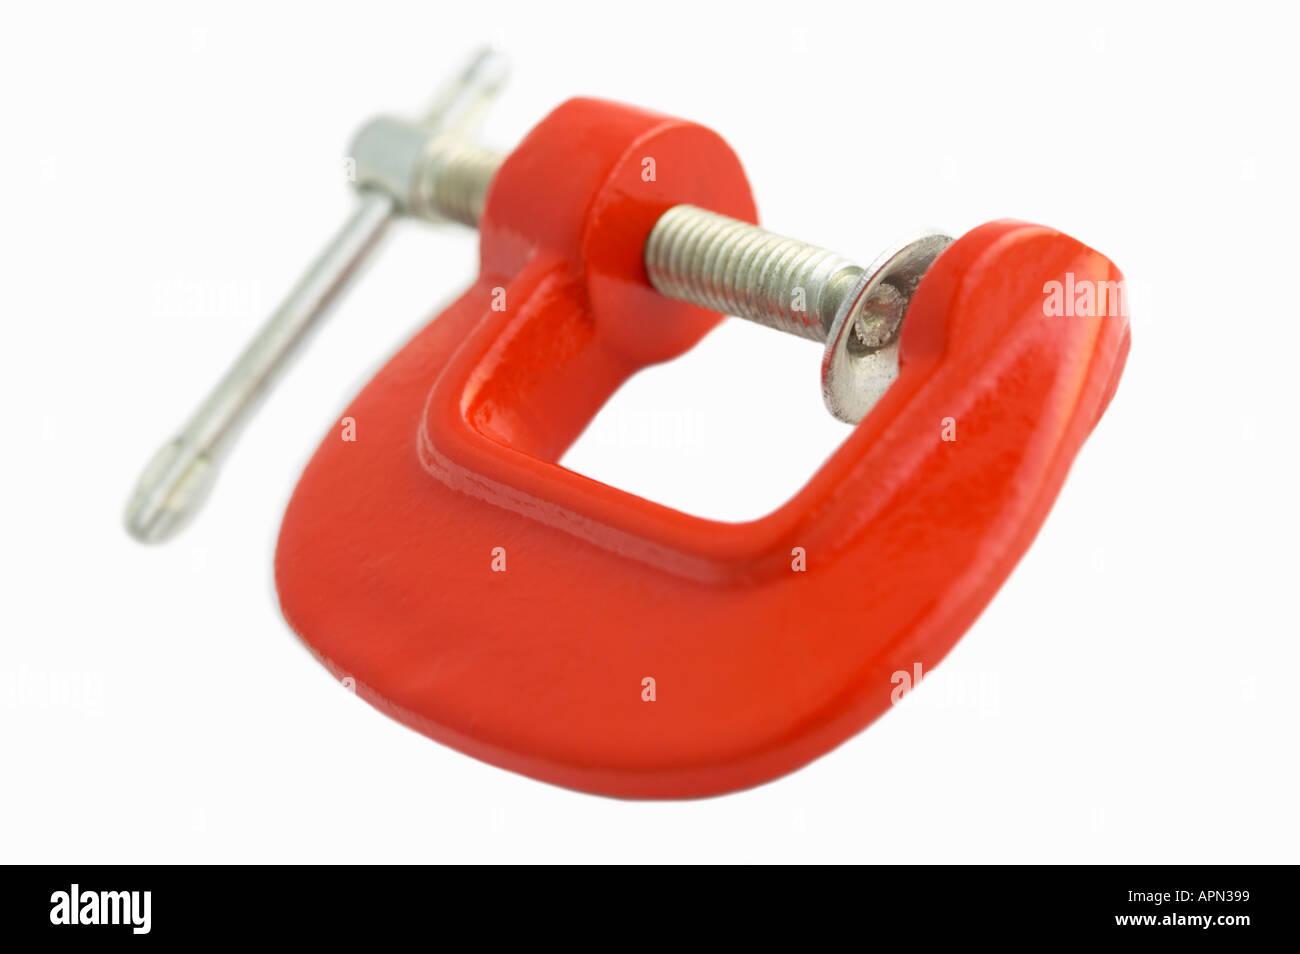 Collier G objet isolé - concept de compression Photo Stock